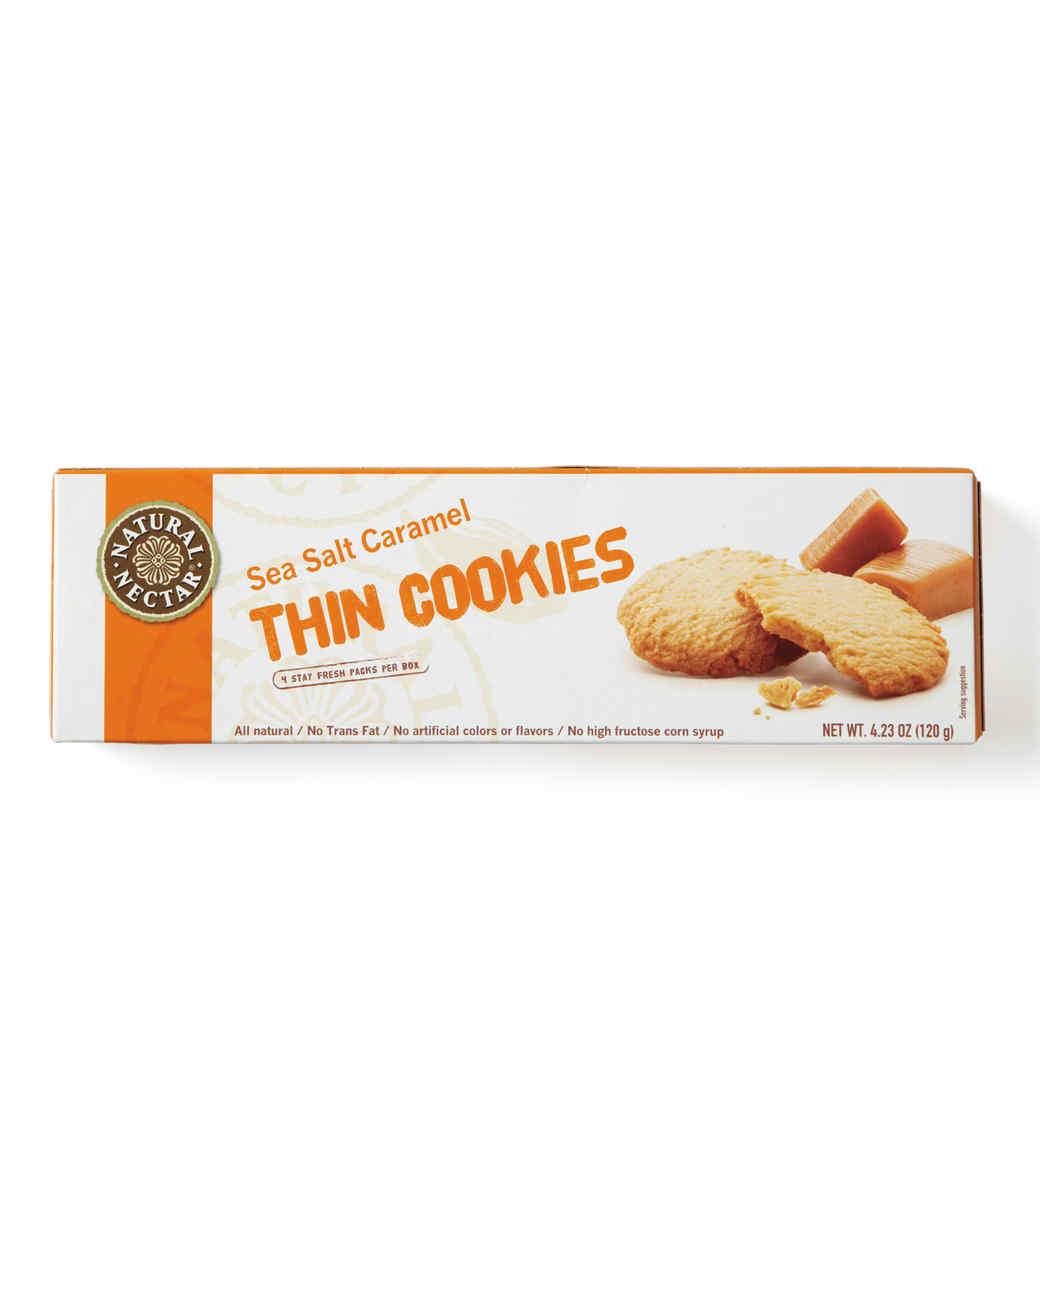 ee-cookies-mld109082.jpg